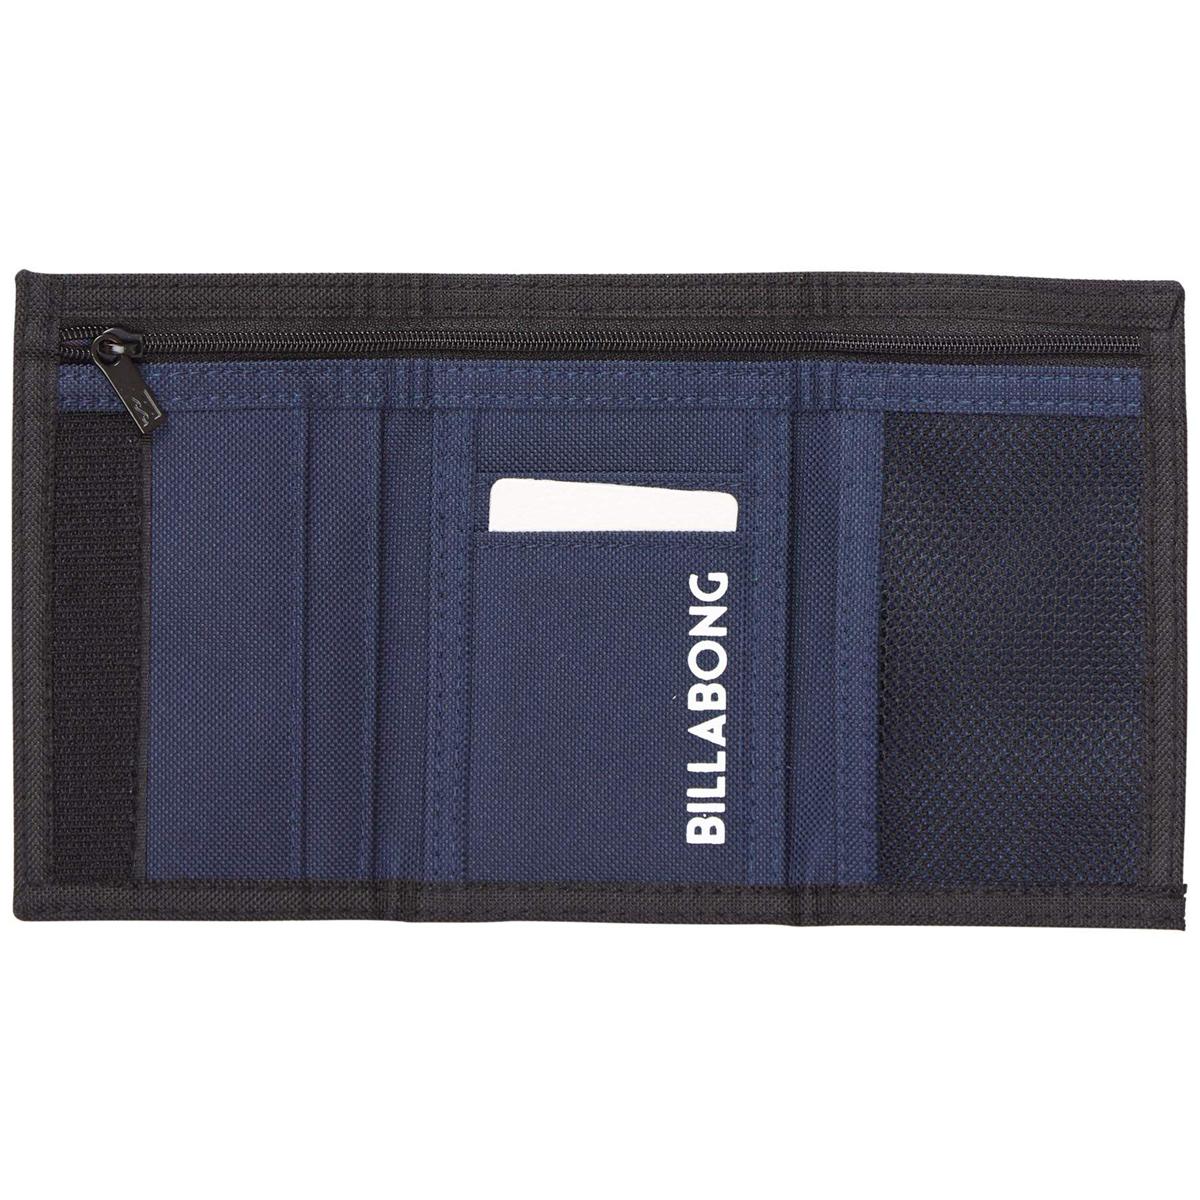 """Кошелек дорожный Billabong """"Atom Wallet"""", цвет: оранжевый, синий, 1 л. Z5WL02"""